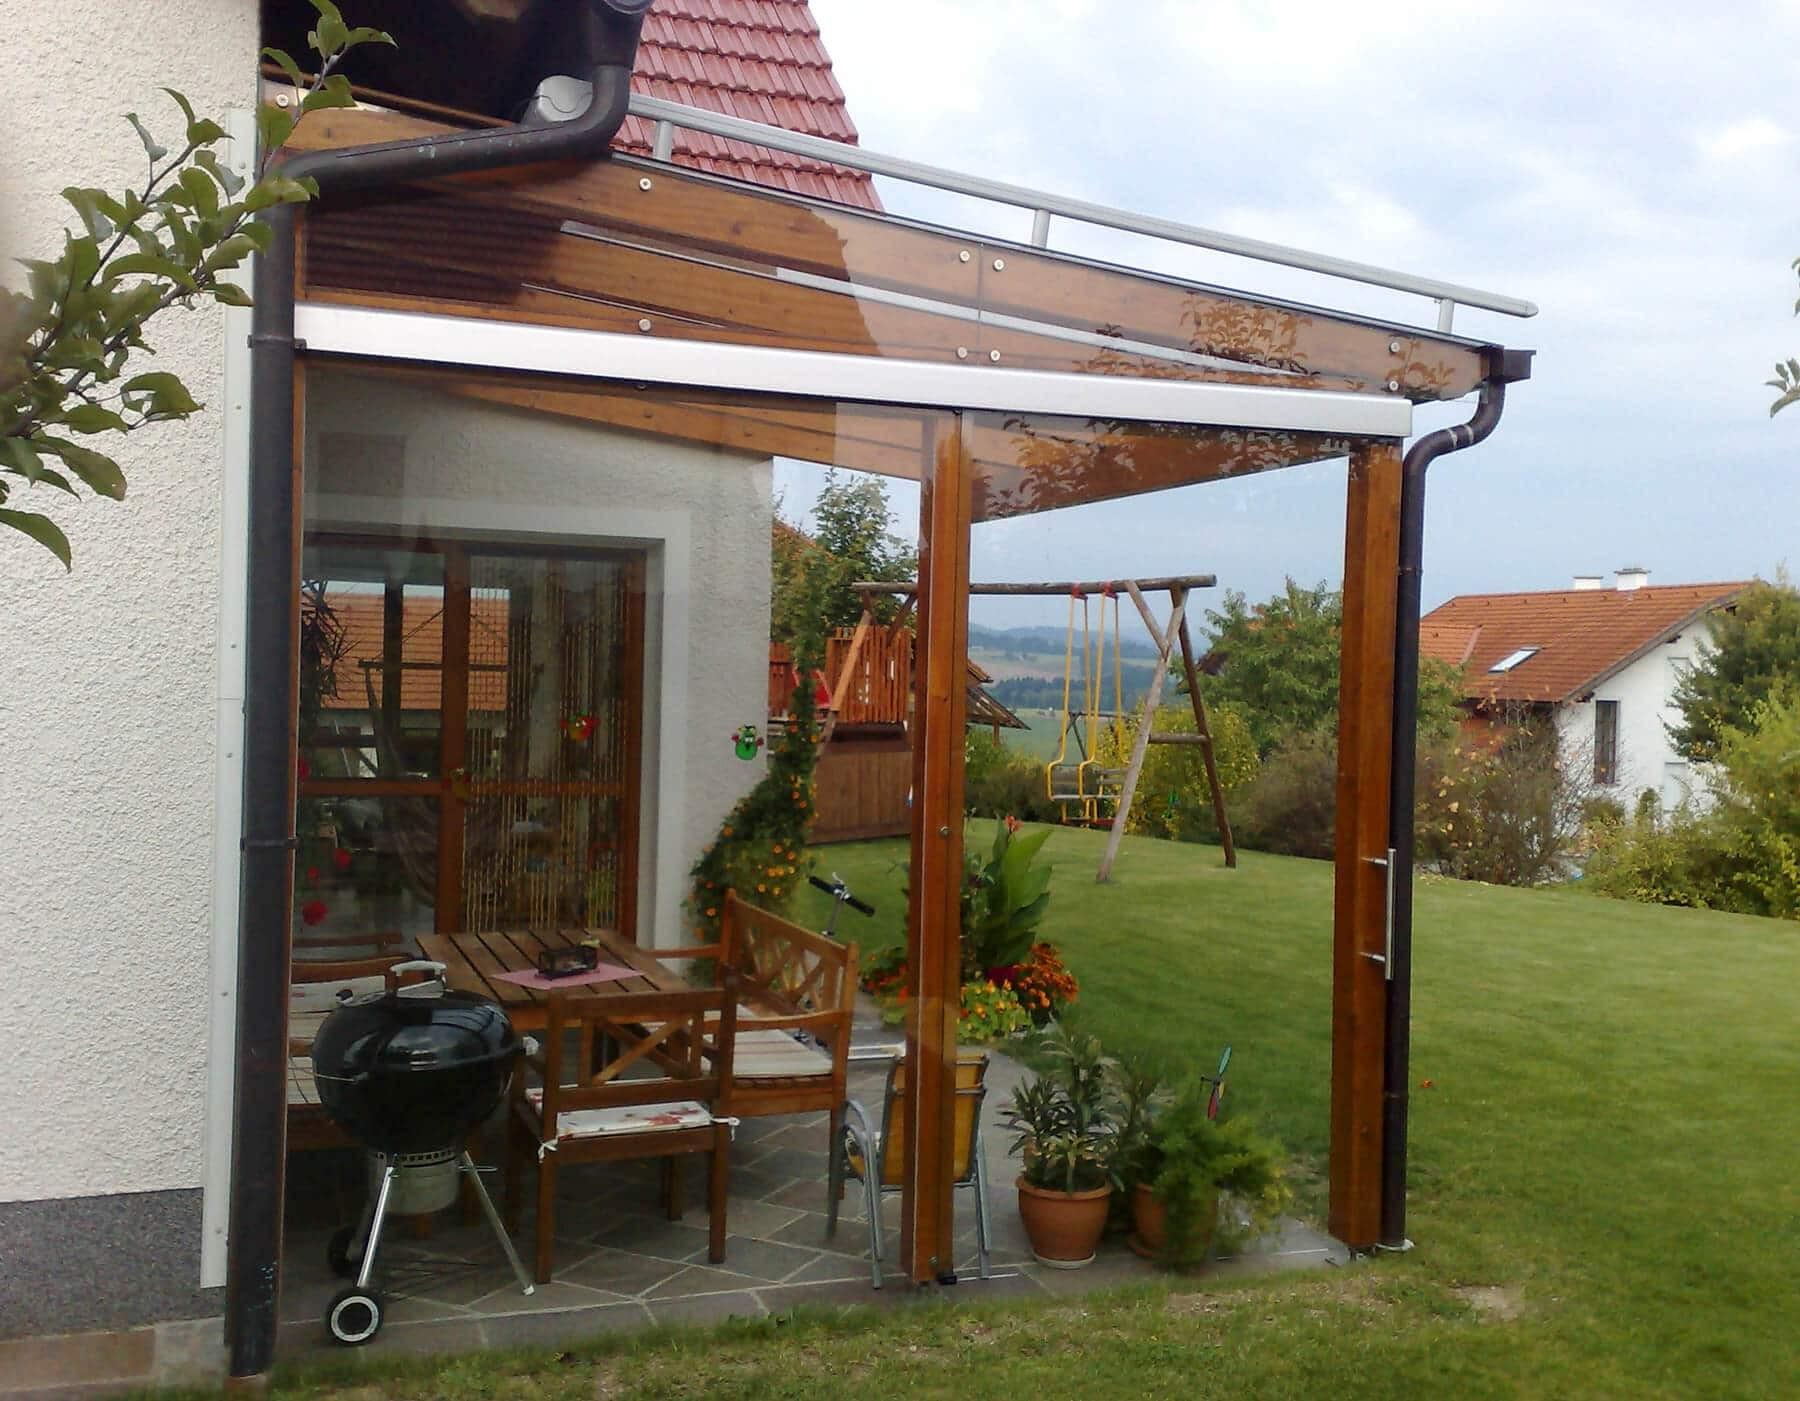 dachterrasse mit einer glasuberdachung und windschutz aus glas glasuberdachung terrasse of glasuberdachung terrasse 1